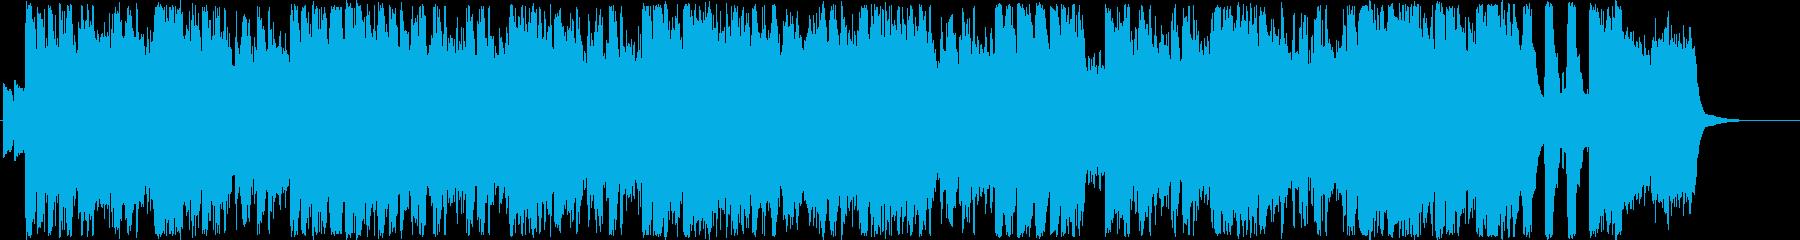 ジングル - オーシャンブリーズの再生済みの波形